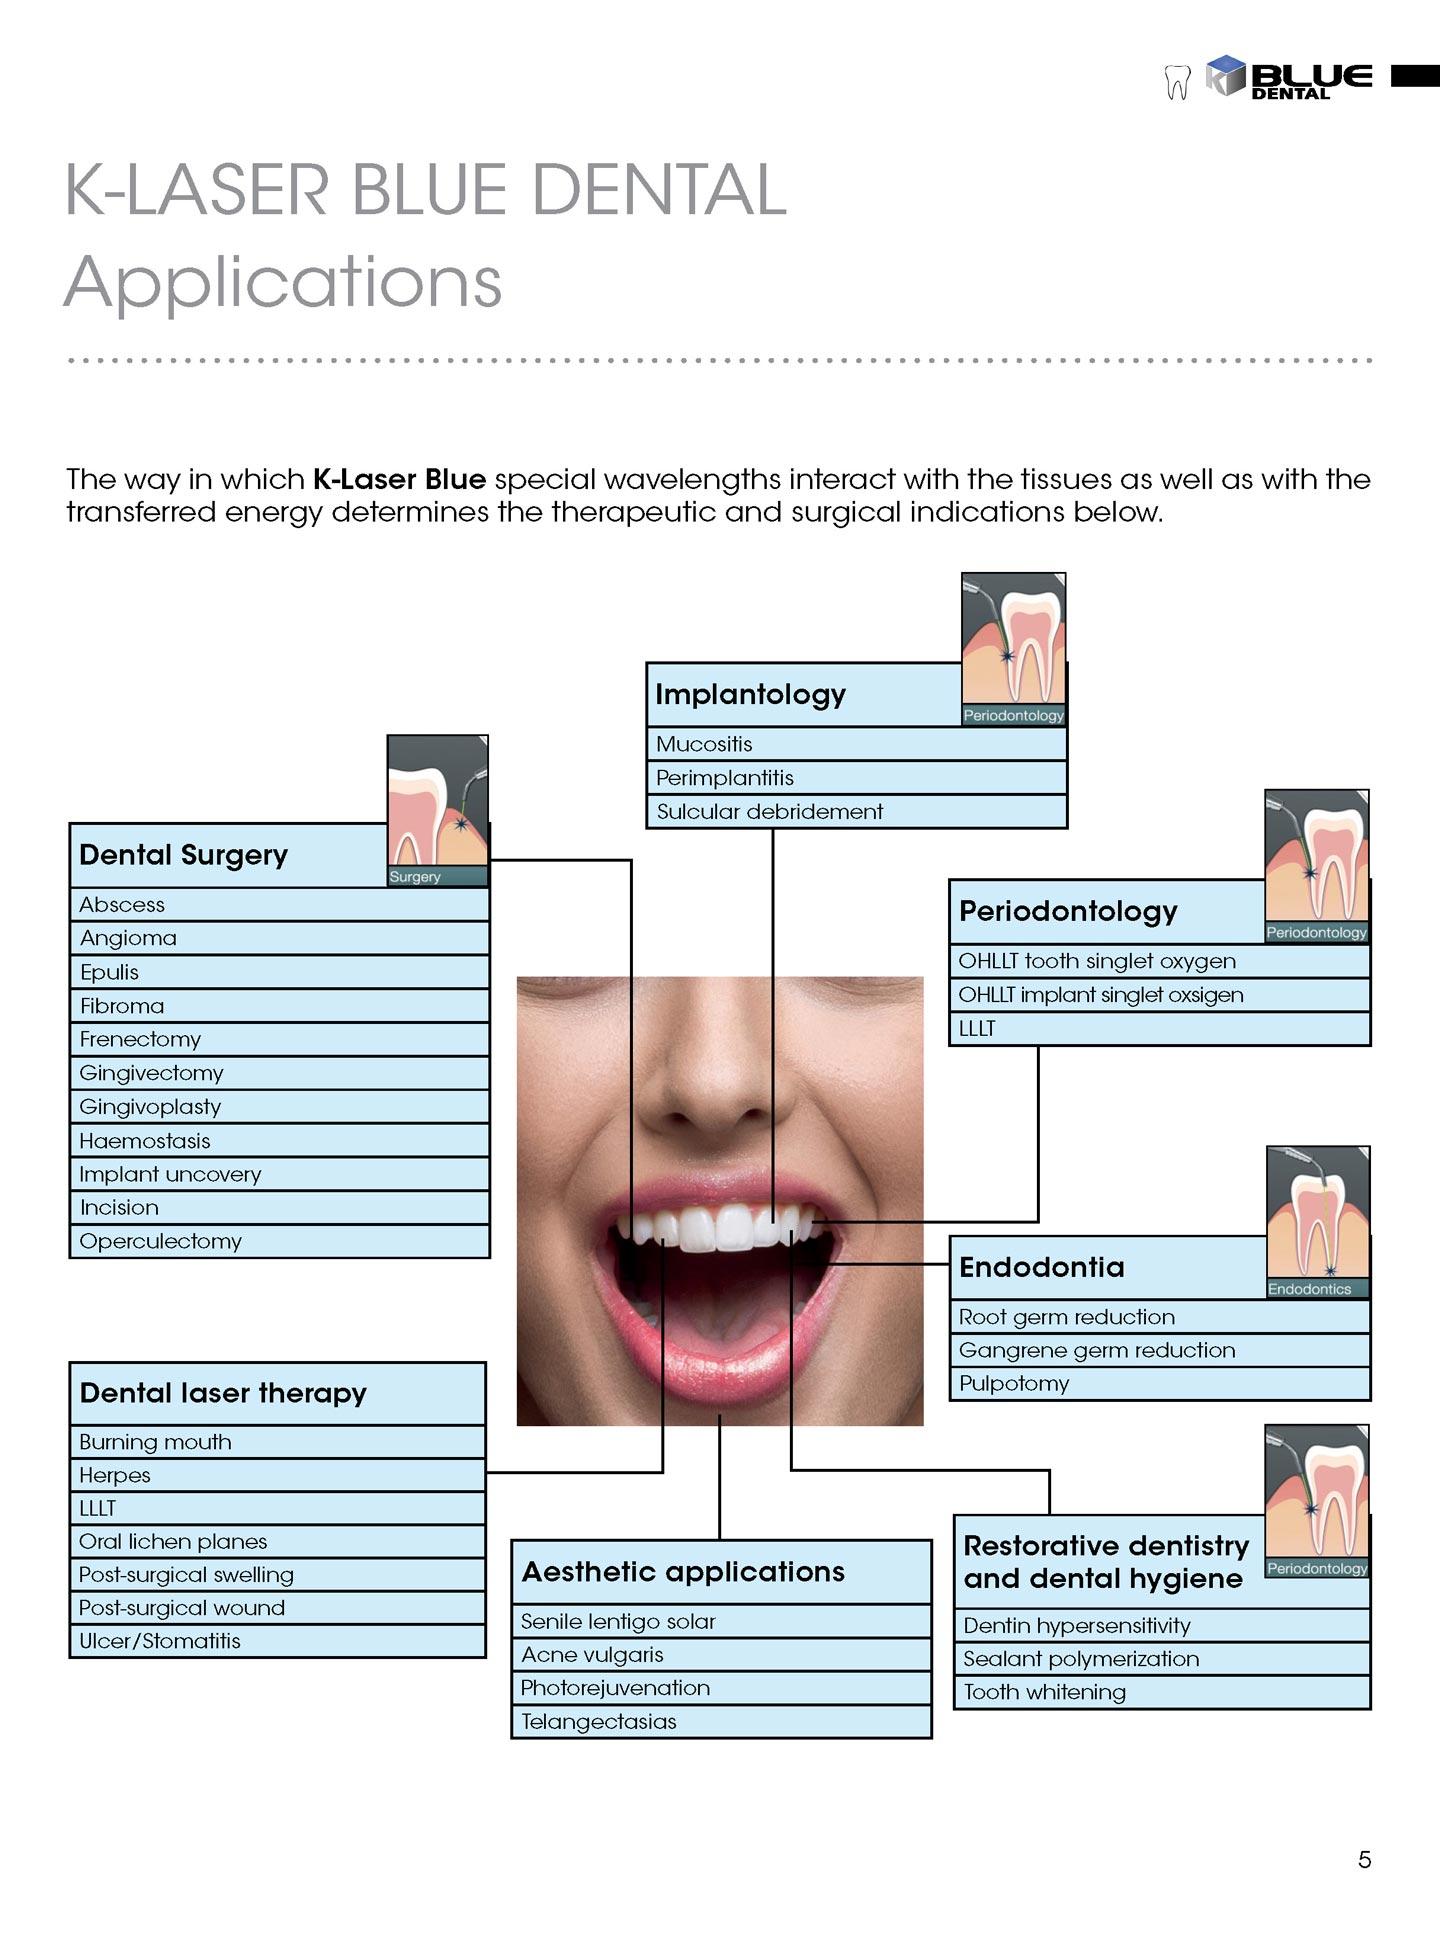 Blue Dental brugsmuligheder